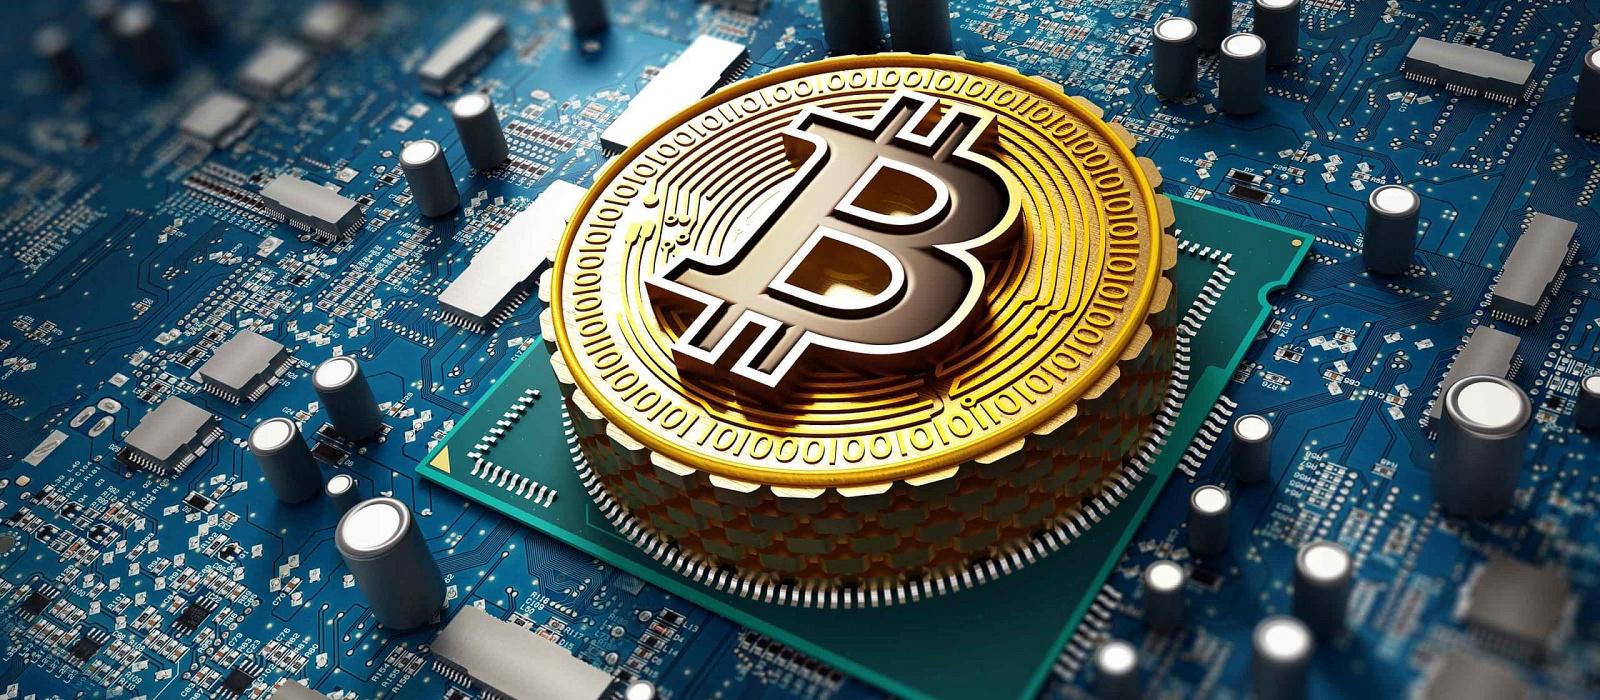 Im polnischen Polizeipräsidium wurden Bitcoins abgebaut – dies wurde von einem externen IT-Spezialisten durchgeführt